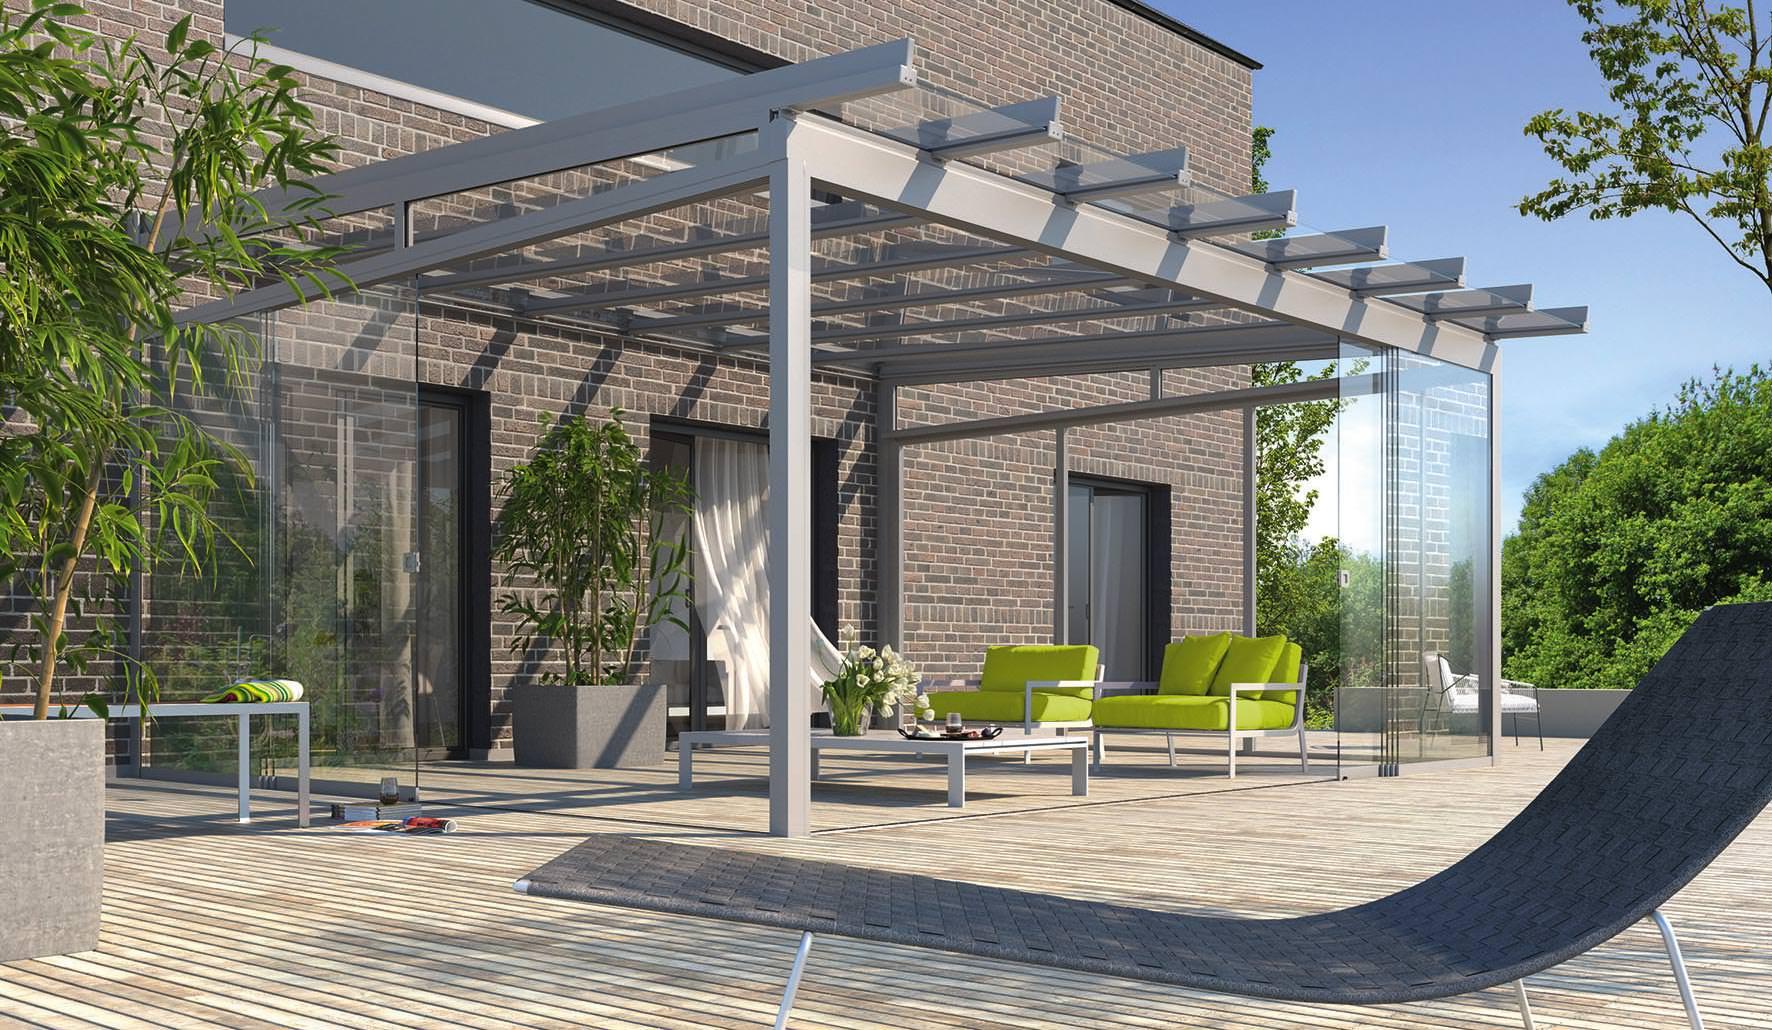 Area Wohnraumerweiterung Mit Terrassendach Systemen A La Leiner